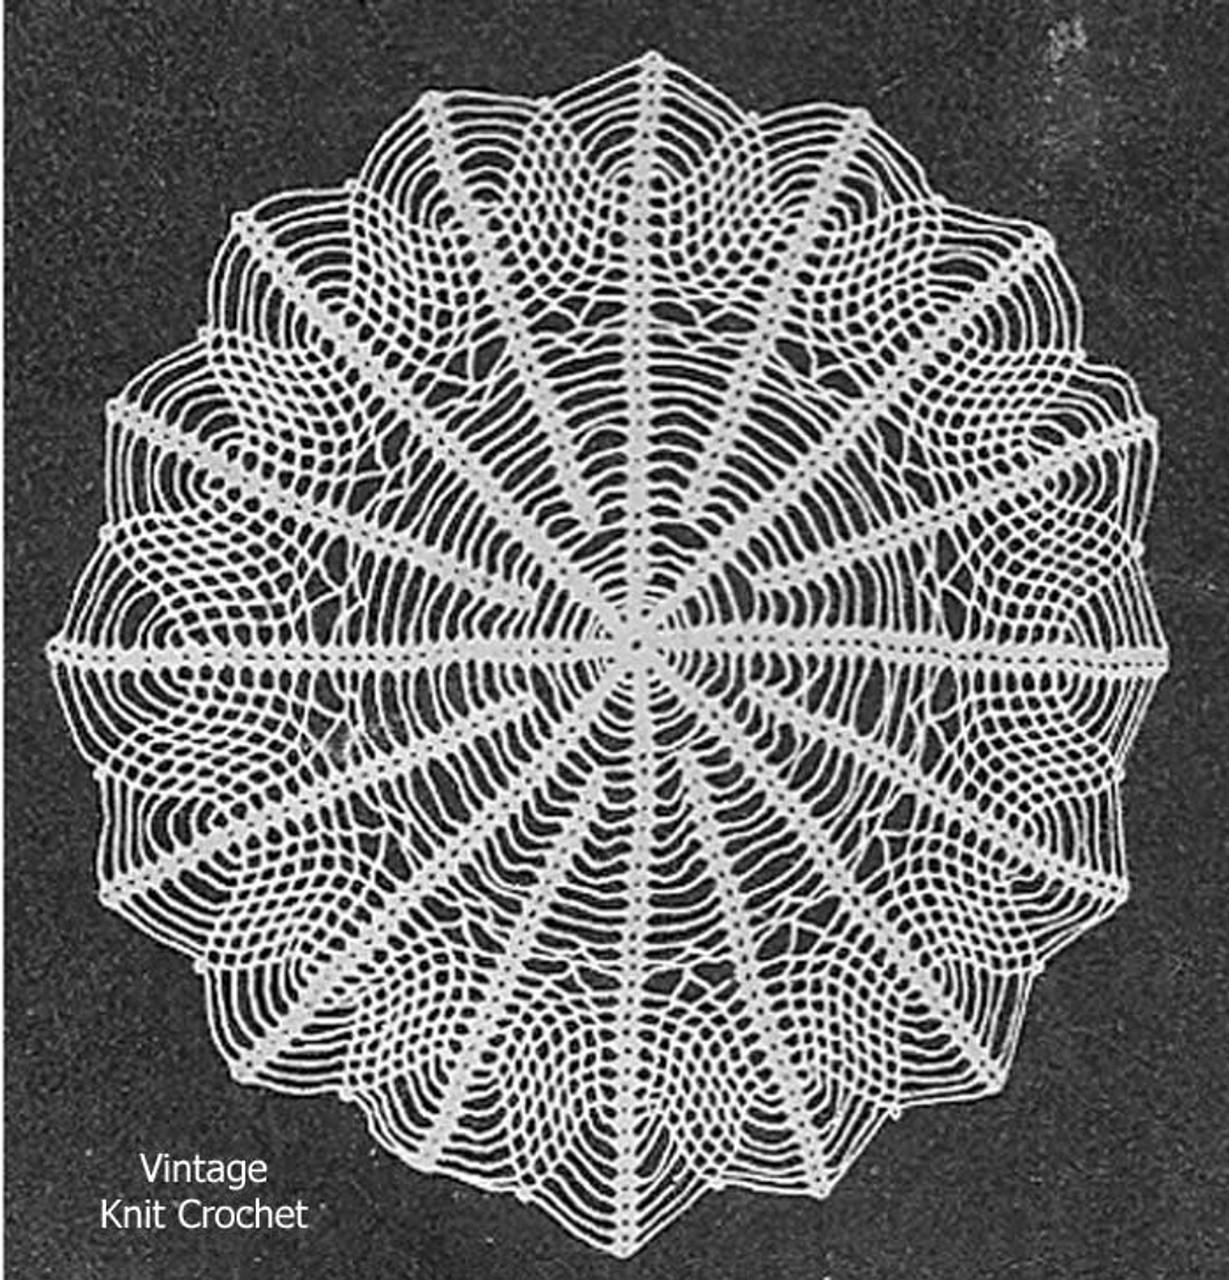 Web Doily Crochet Pattern, Vintage Knit Crochet Pattern Shop